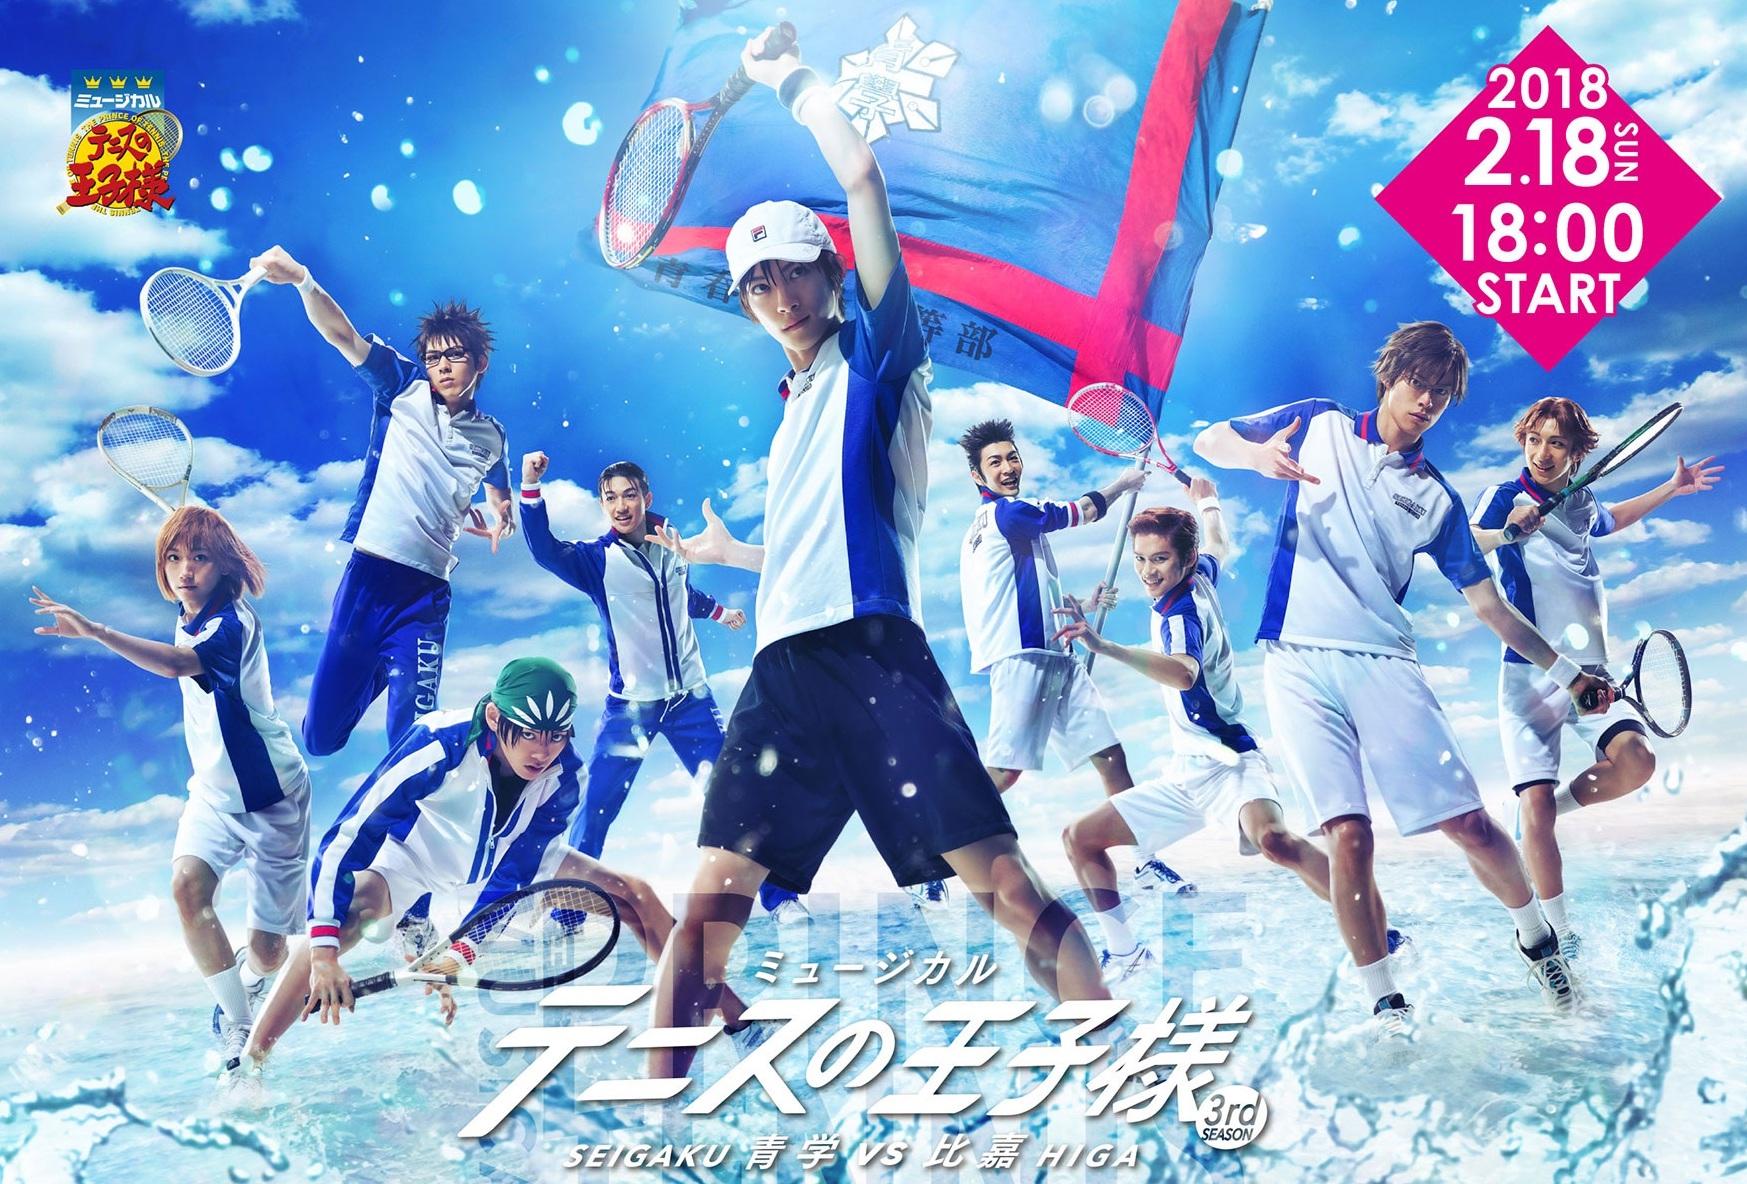 音樂劇「網球王子」的live viewing將於日本、香港同步展開! 網球王子、